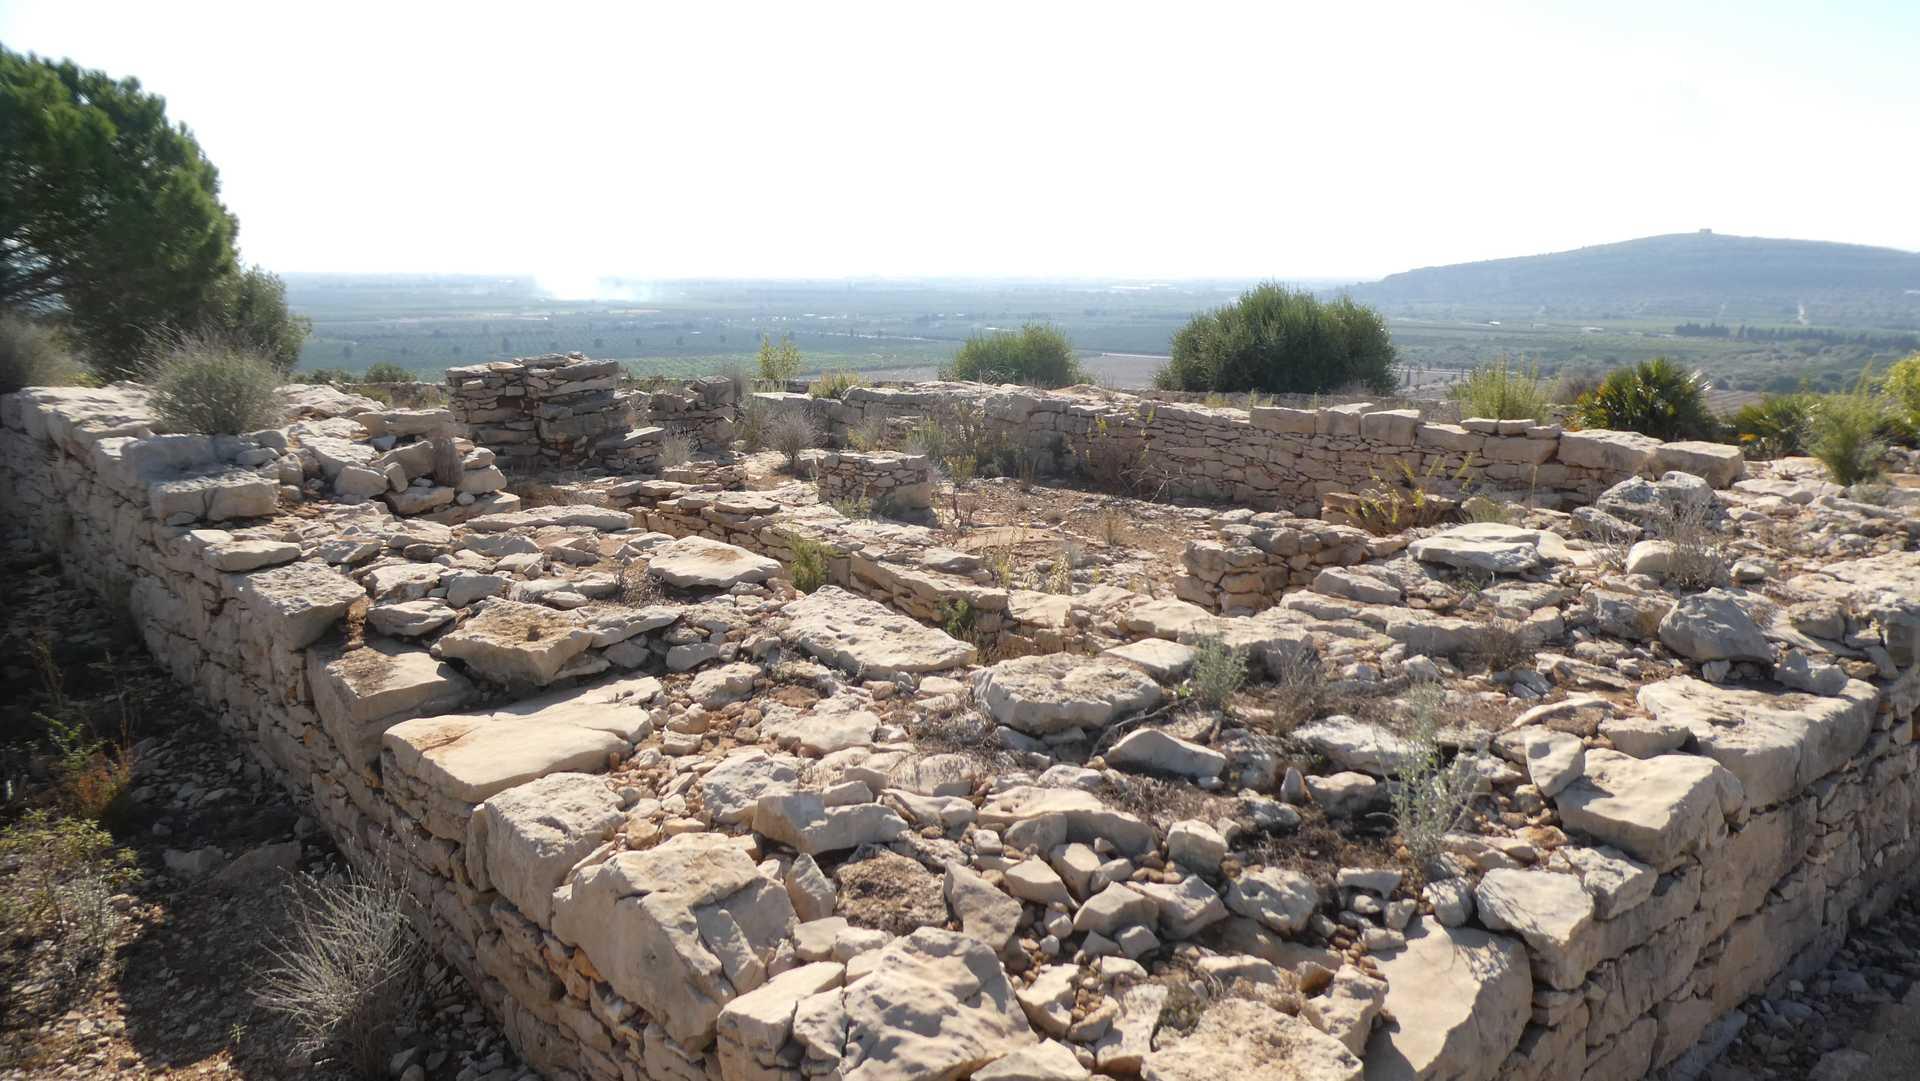 Jaciment arqueològic El Perengil